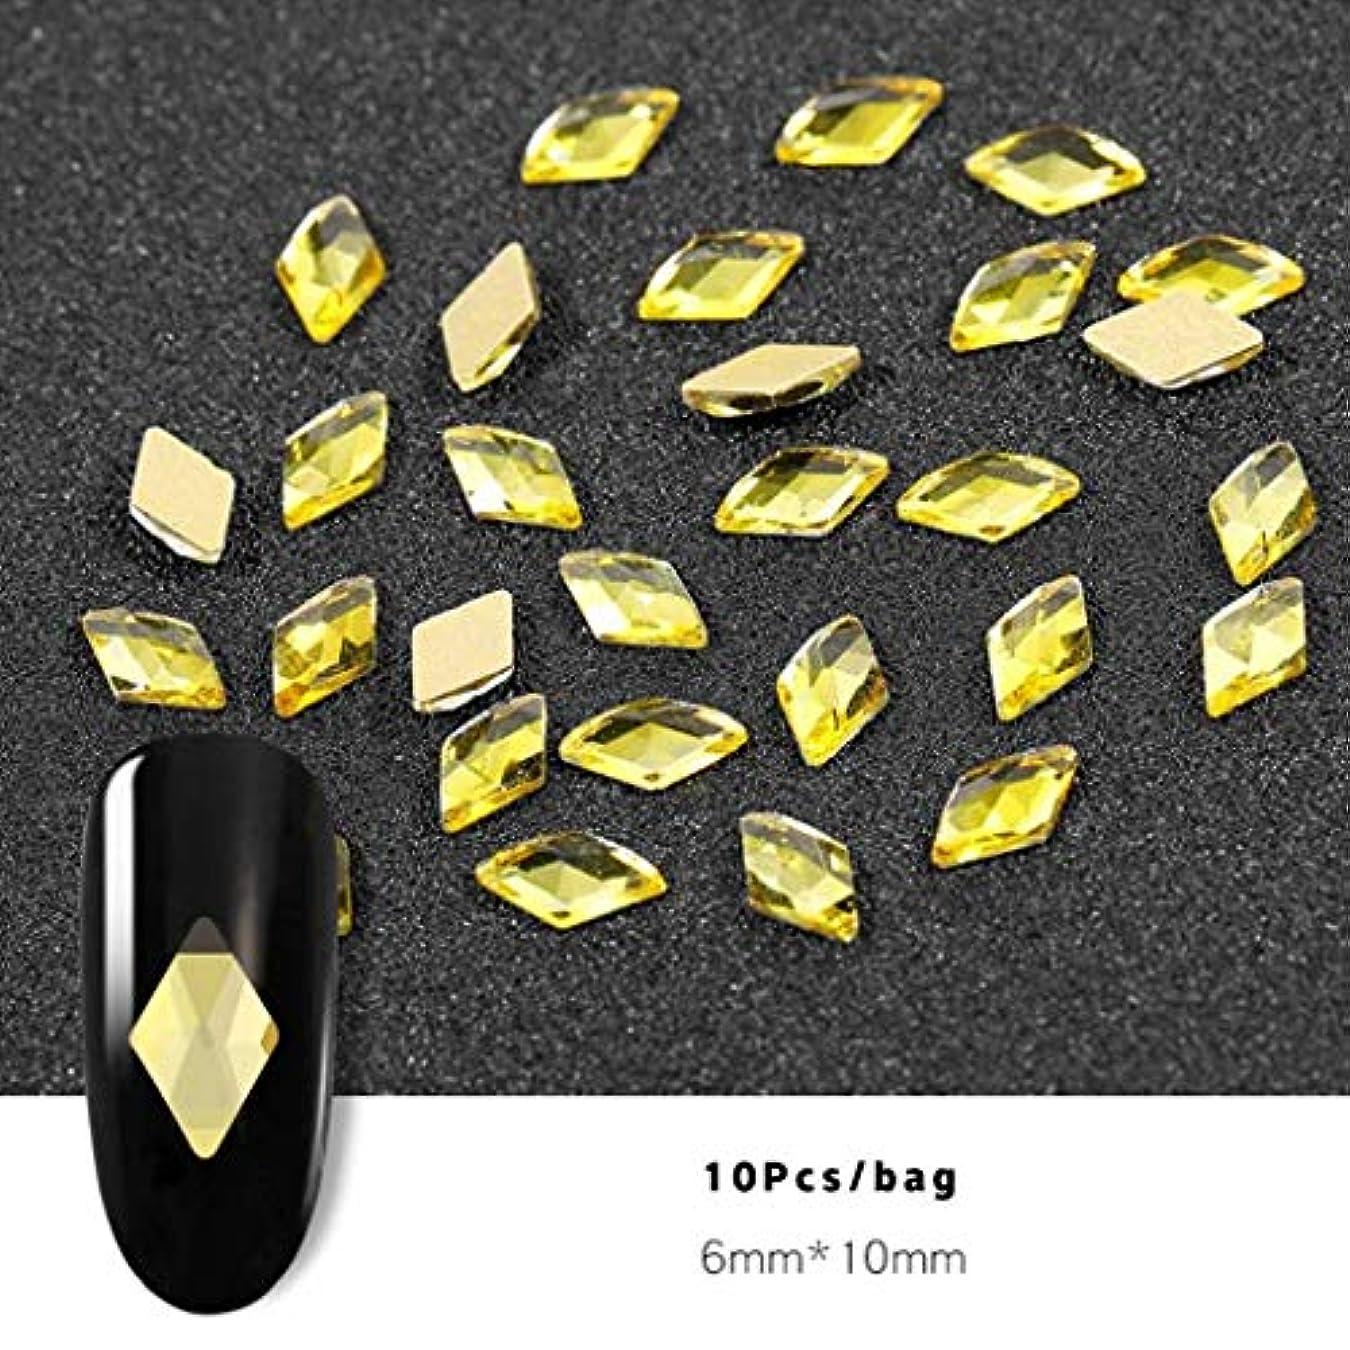 自分間違い委員会OU-Kunmlef 新しい品質 マニキュア ガラスドリル レーション ネイルチャーム クリスタル ネイルジュエリー、ネイルパーツ、メタルパーツ ネイル用品 (None 1138)